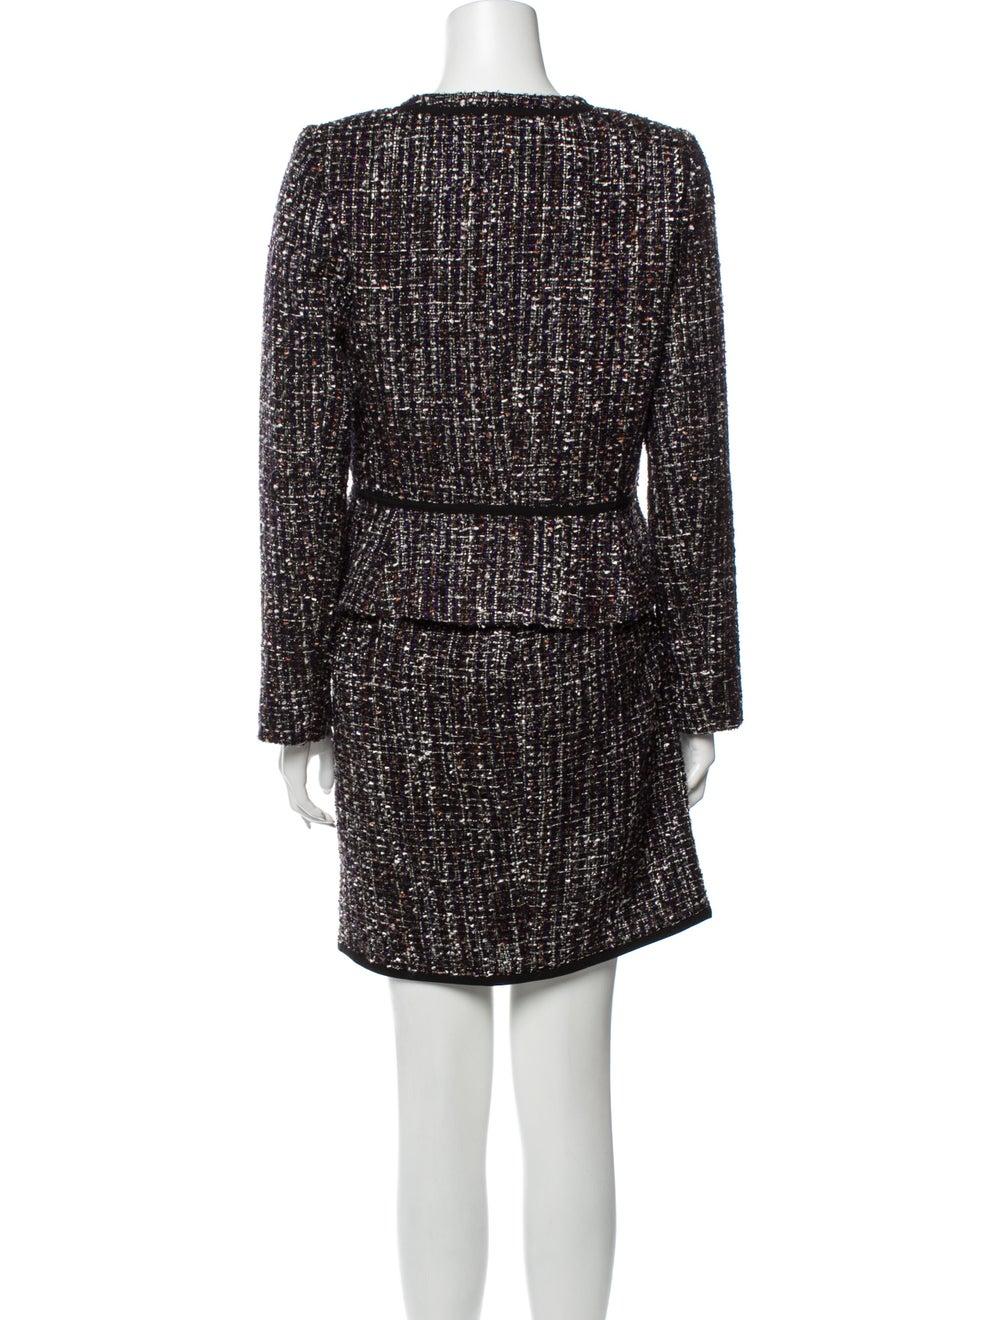 Calvin Klein Tweed Pattern Skirt Set w/ Tags Black - image 3